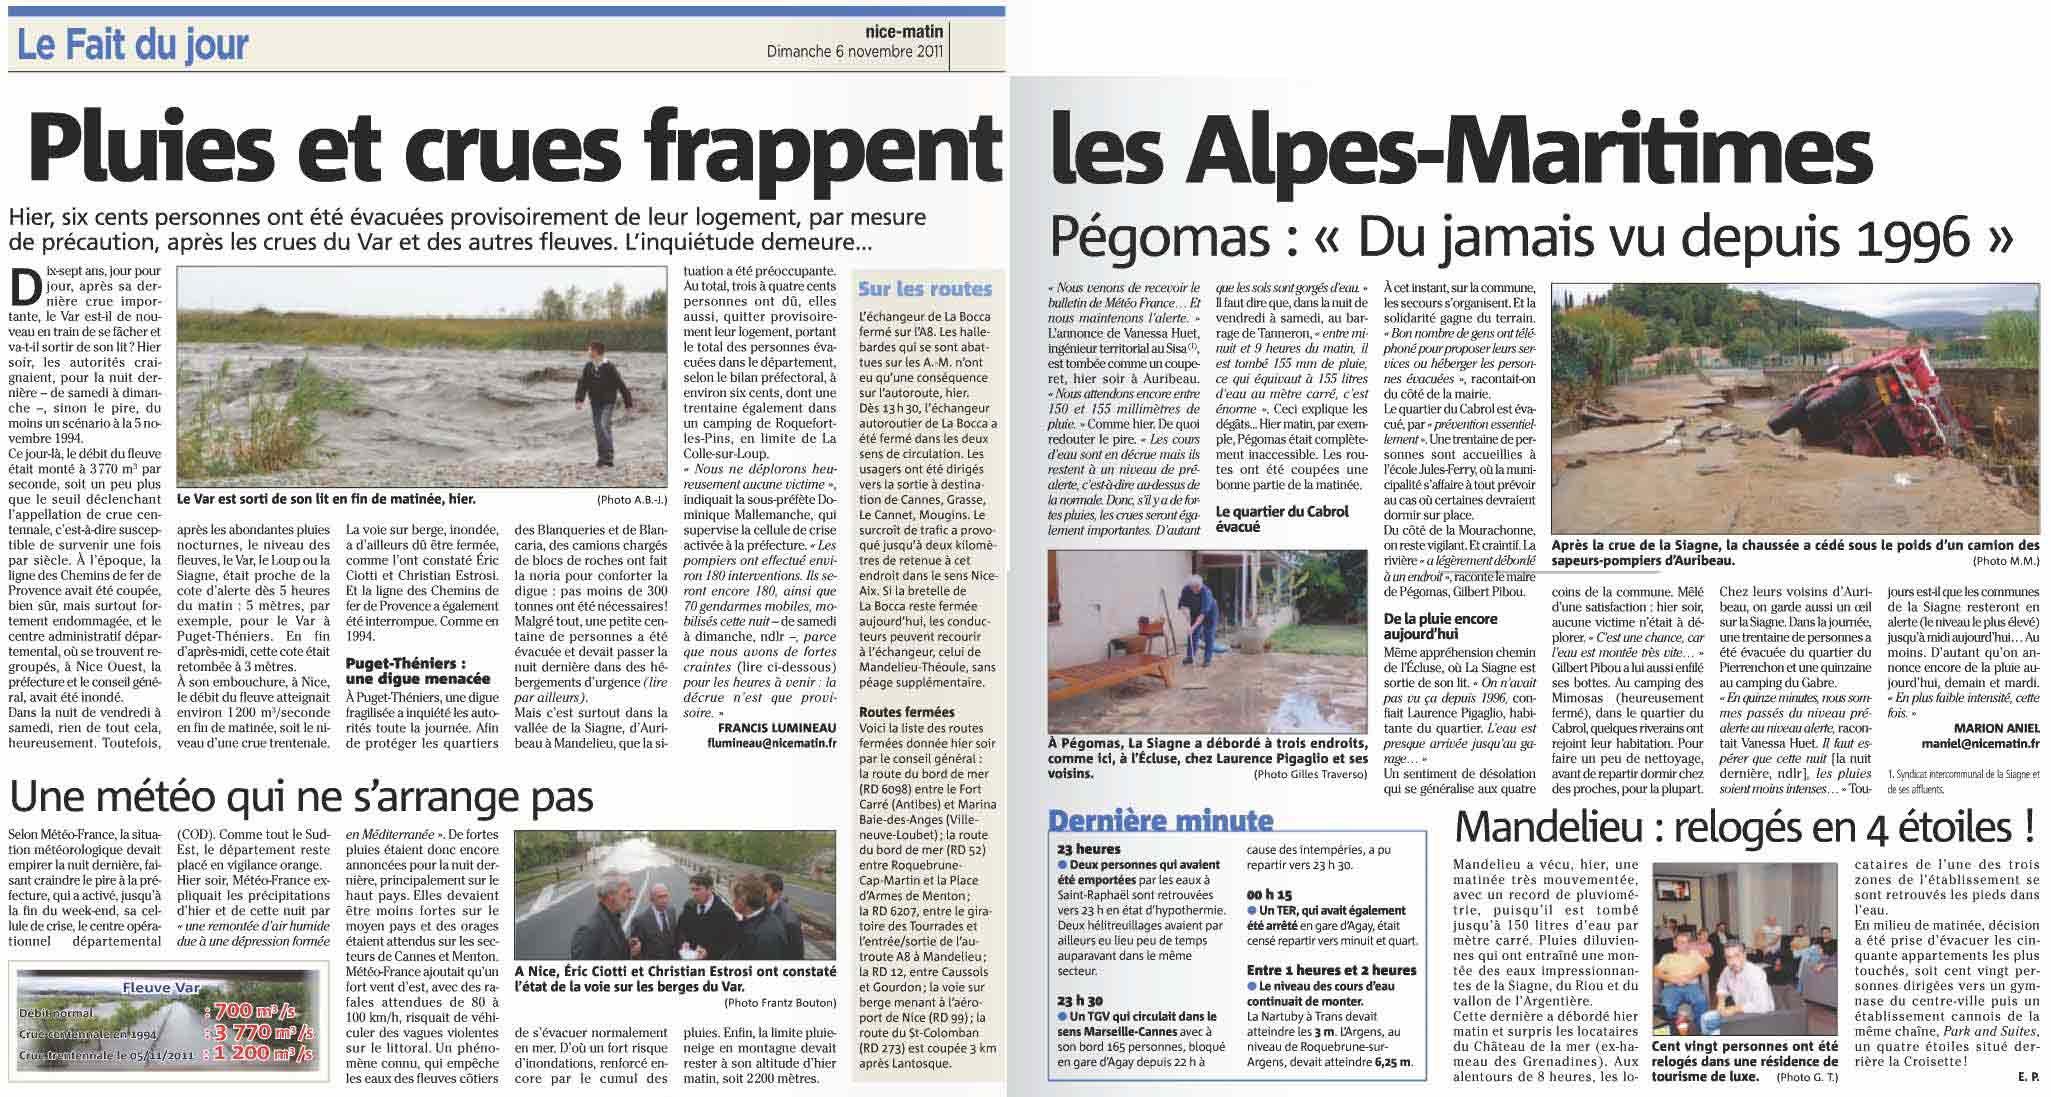 2011-11-06: Pluies et crues frappent les Alpes-Maritimes